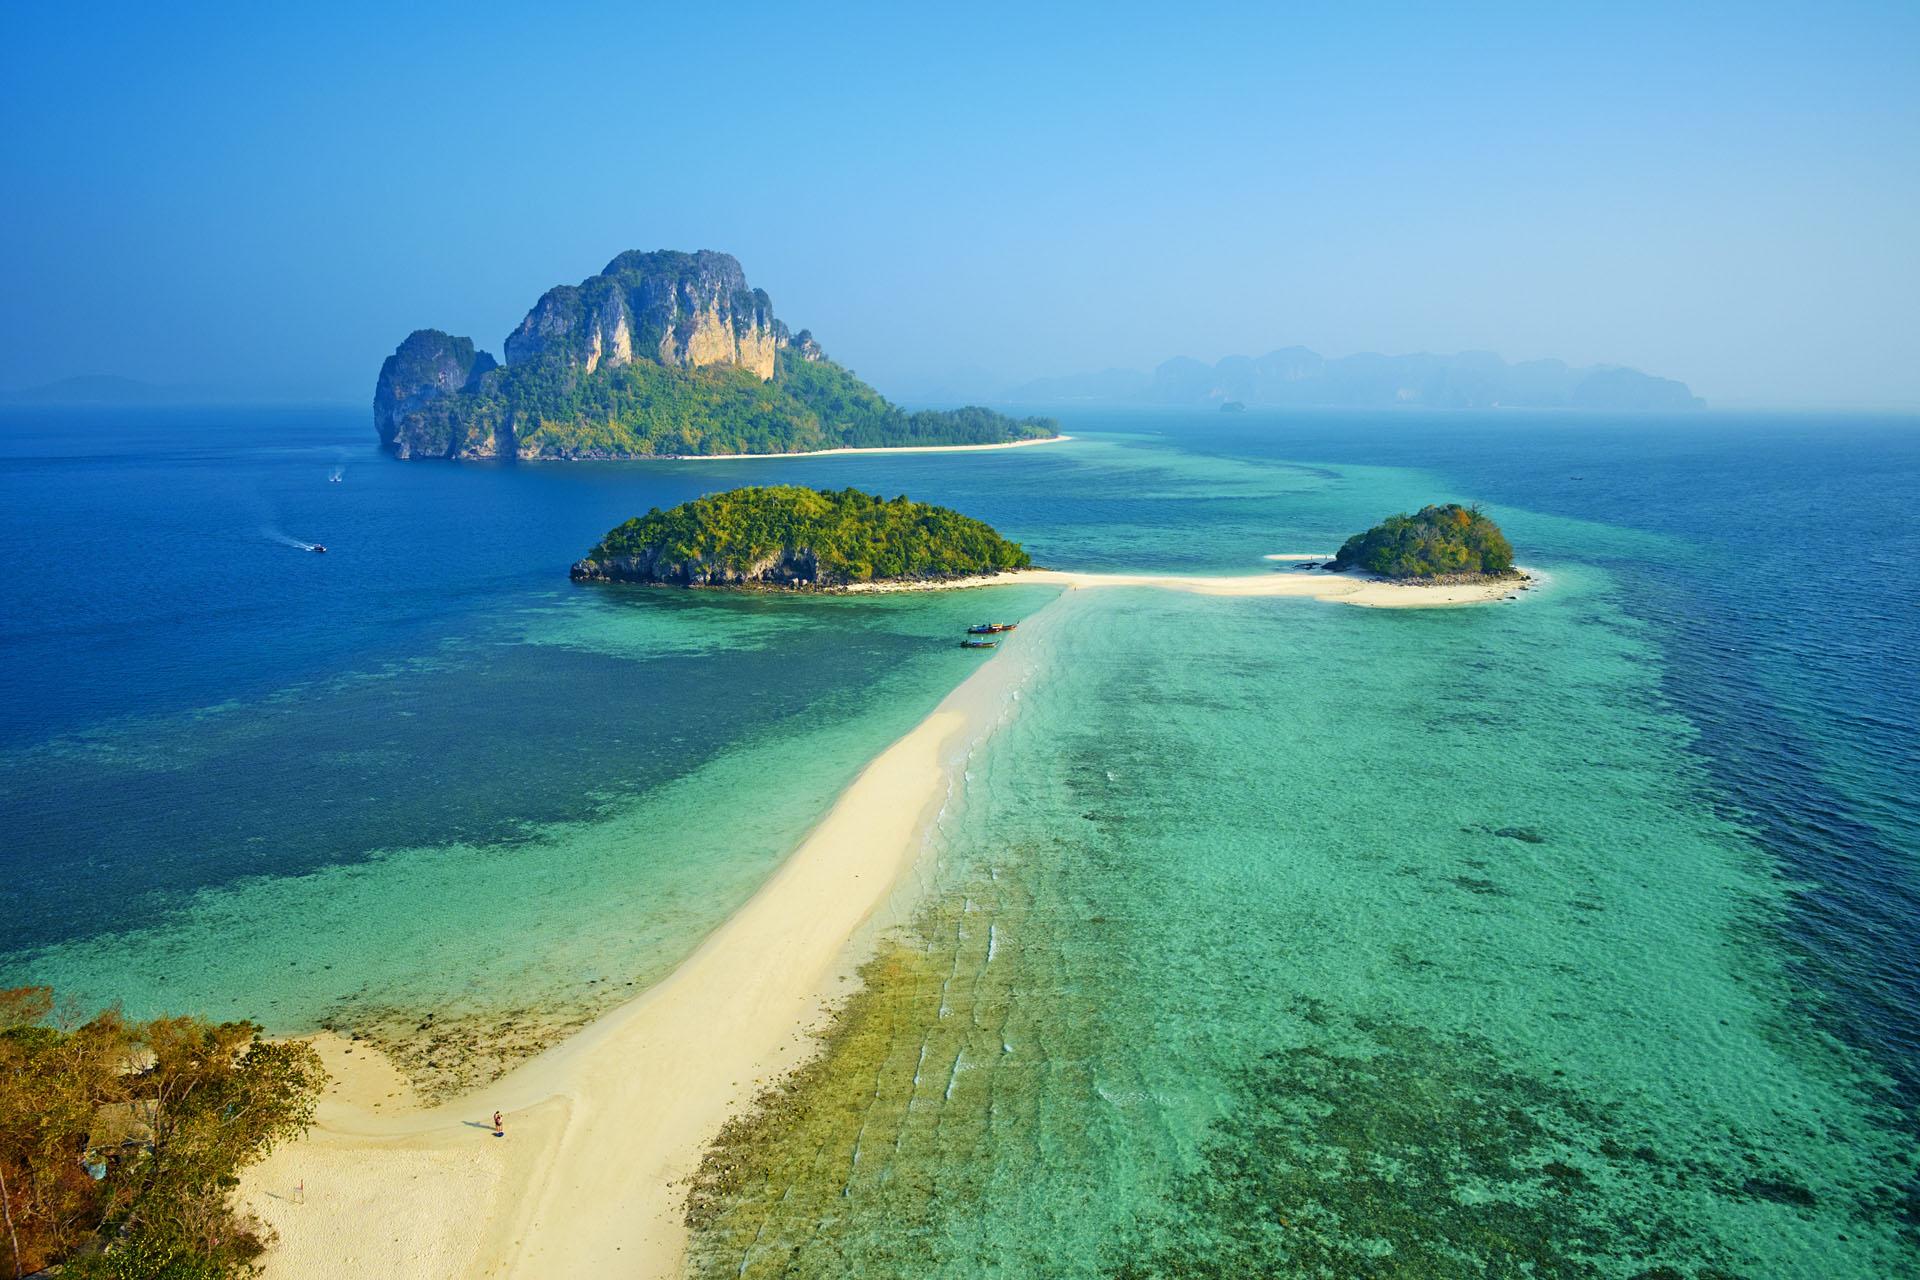 Krabi, Thailand - Thailand